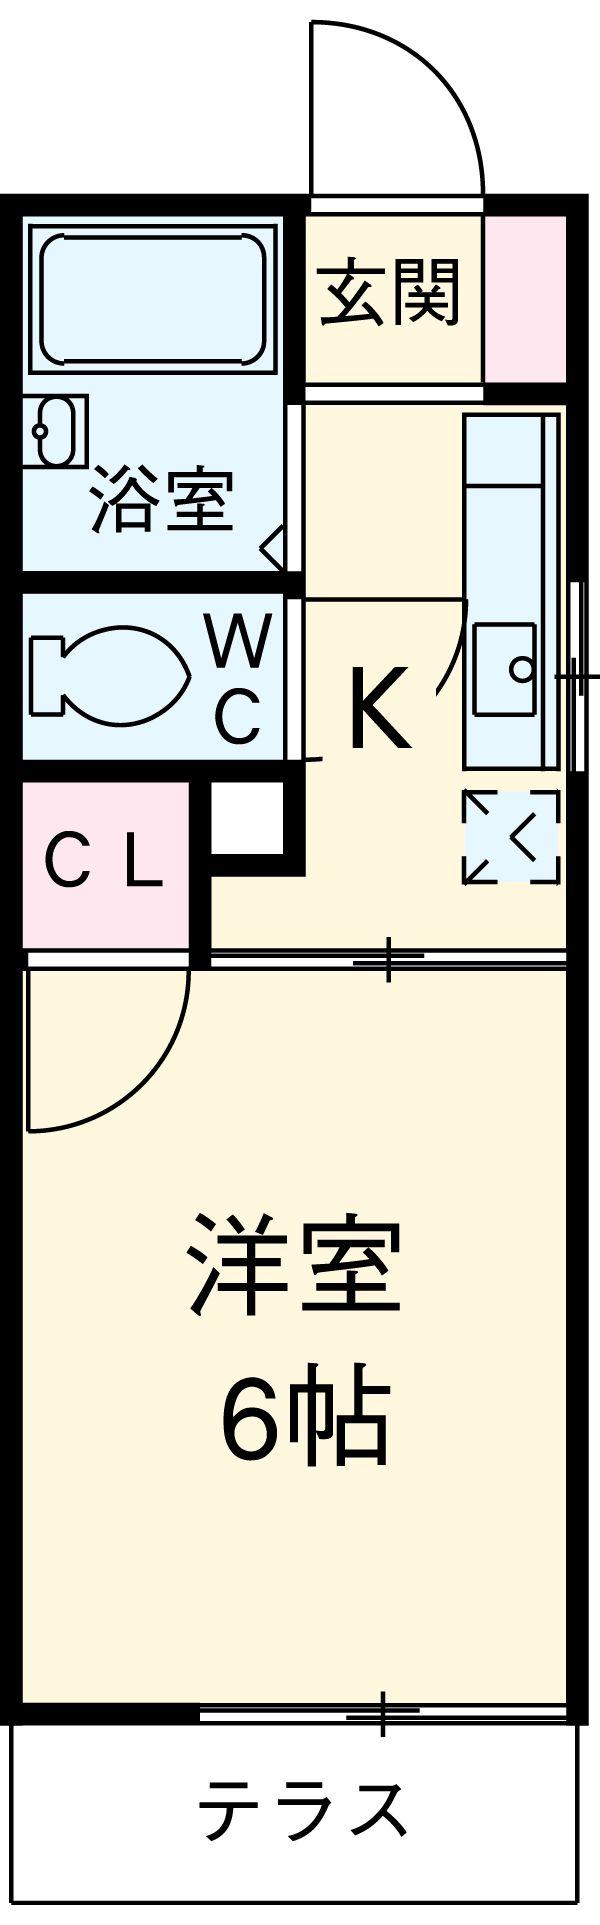 カレッジサイド寺田 203号室の間取り